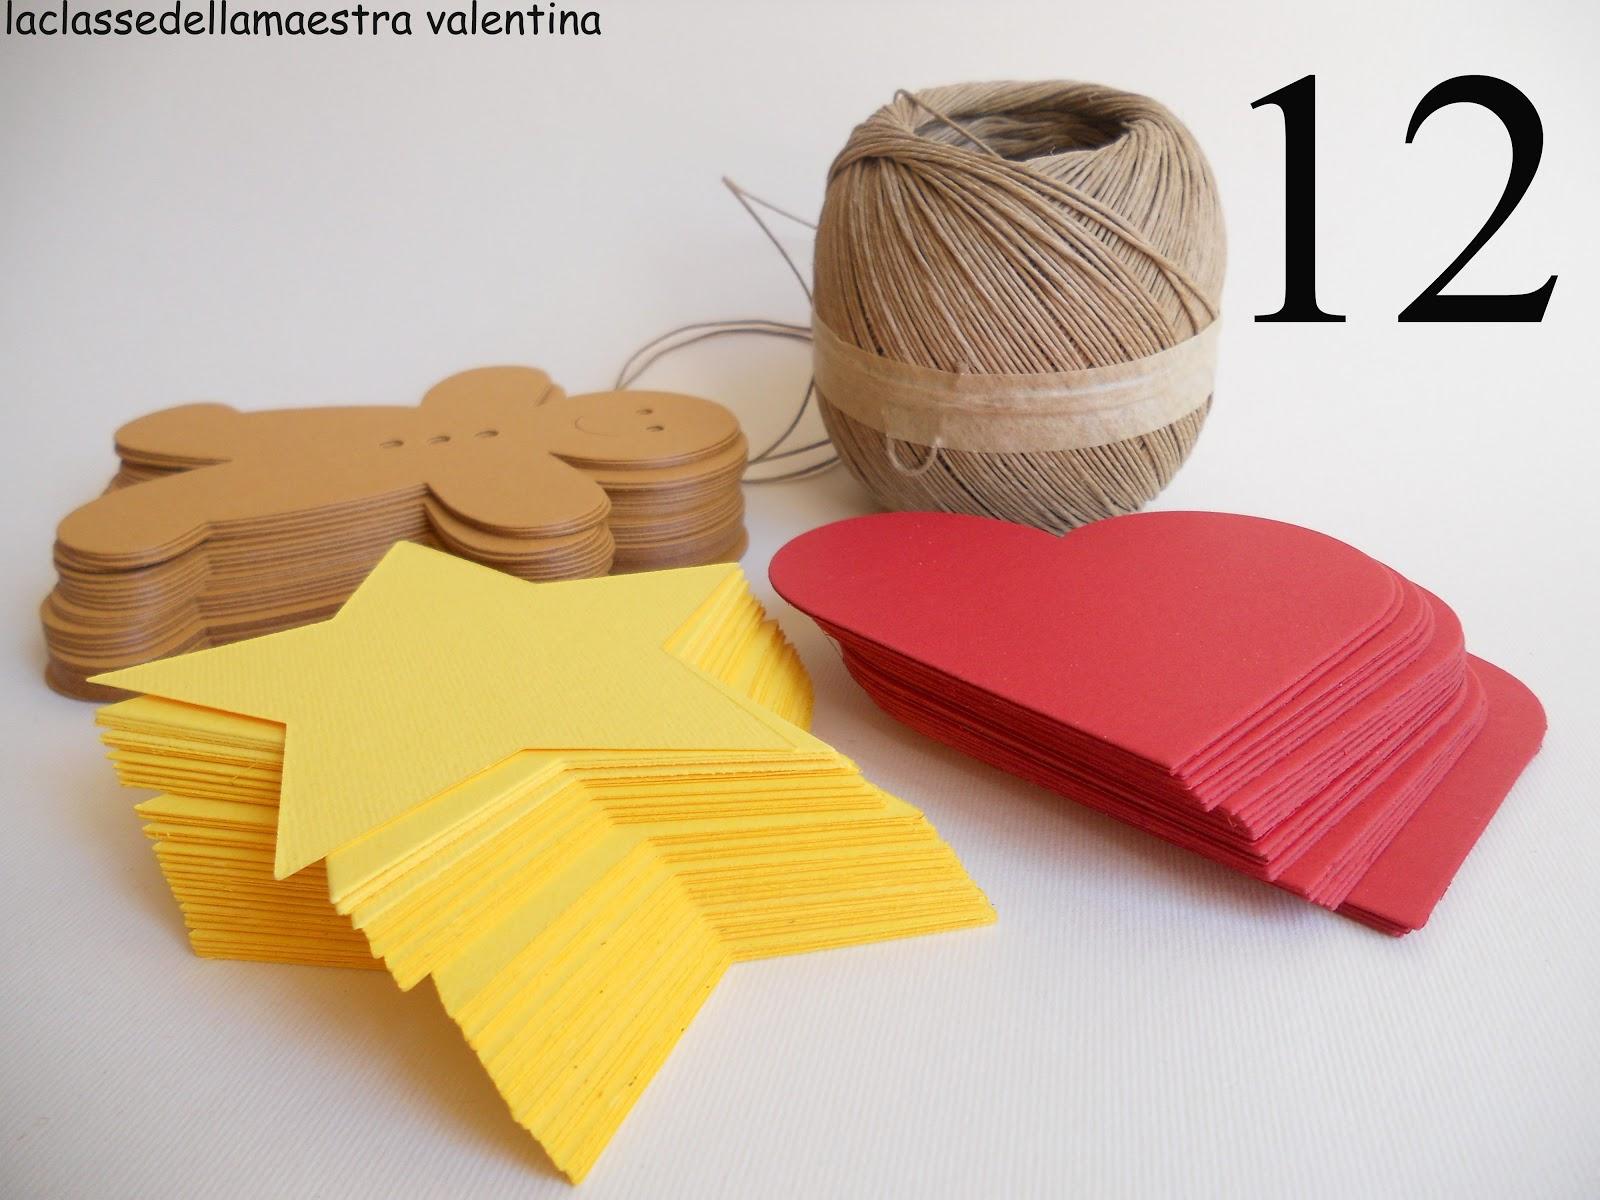 La classe della maestra valentina preparativi natalizi for Lavoretti di natale maestra mary